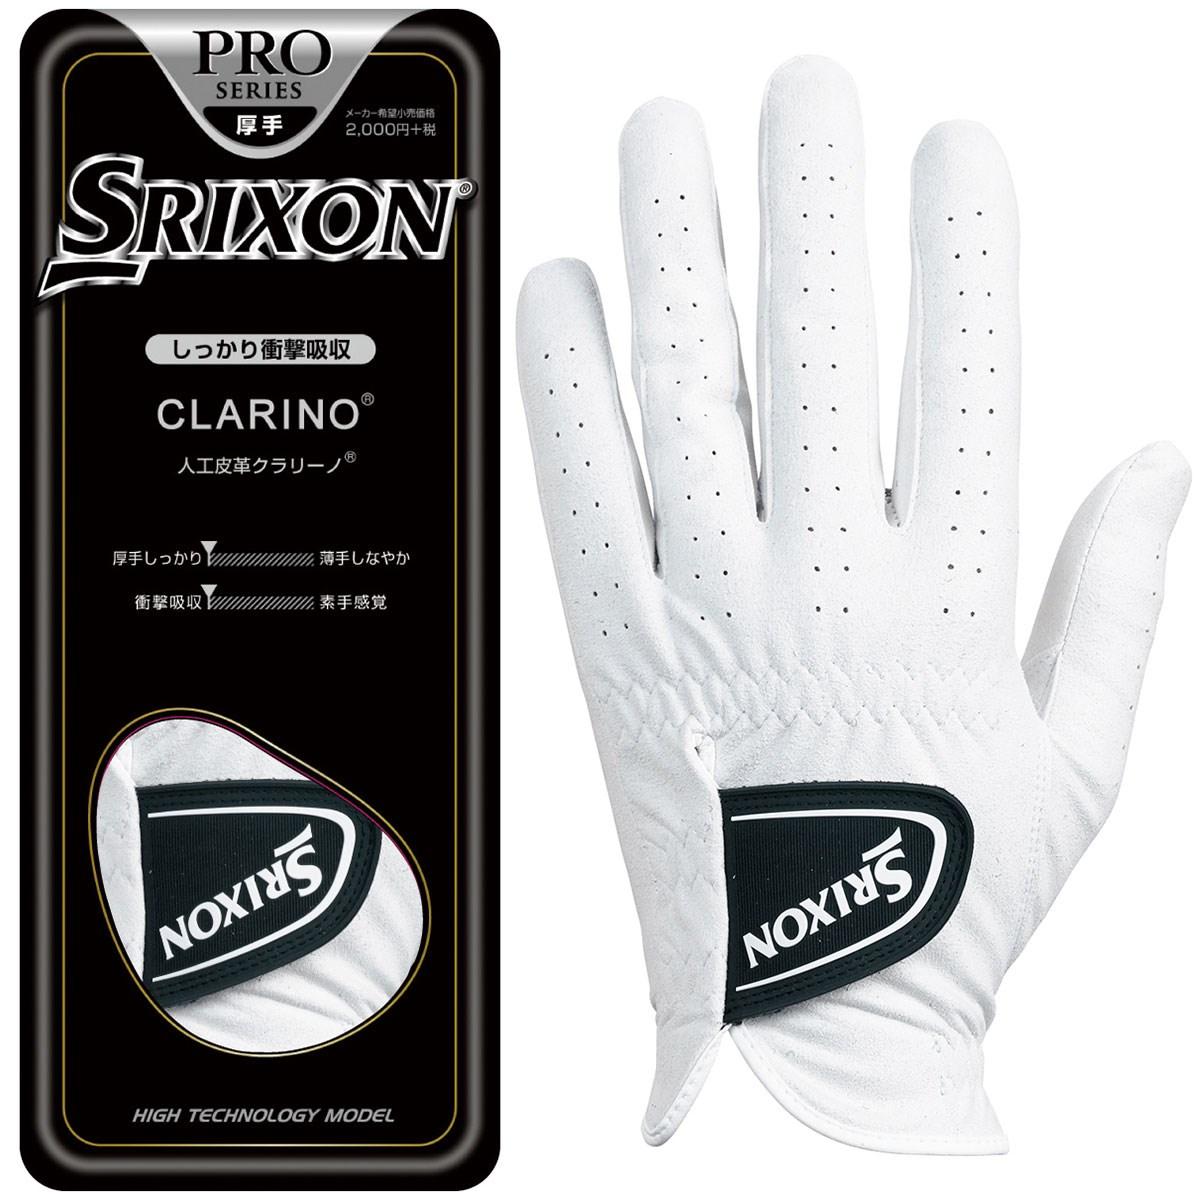 ダンロップ SRIXON ゴルフグローブ 21cm 左手着用(右利き用) ホワイト